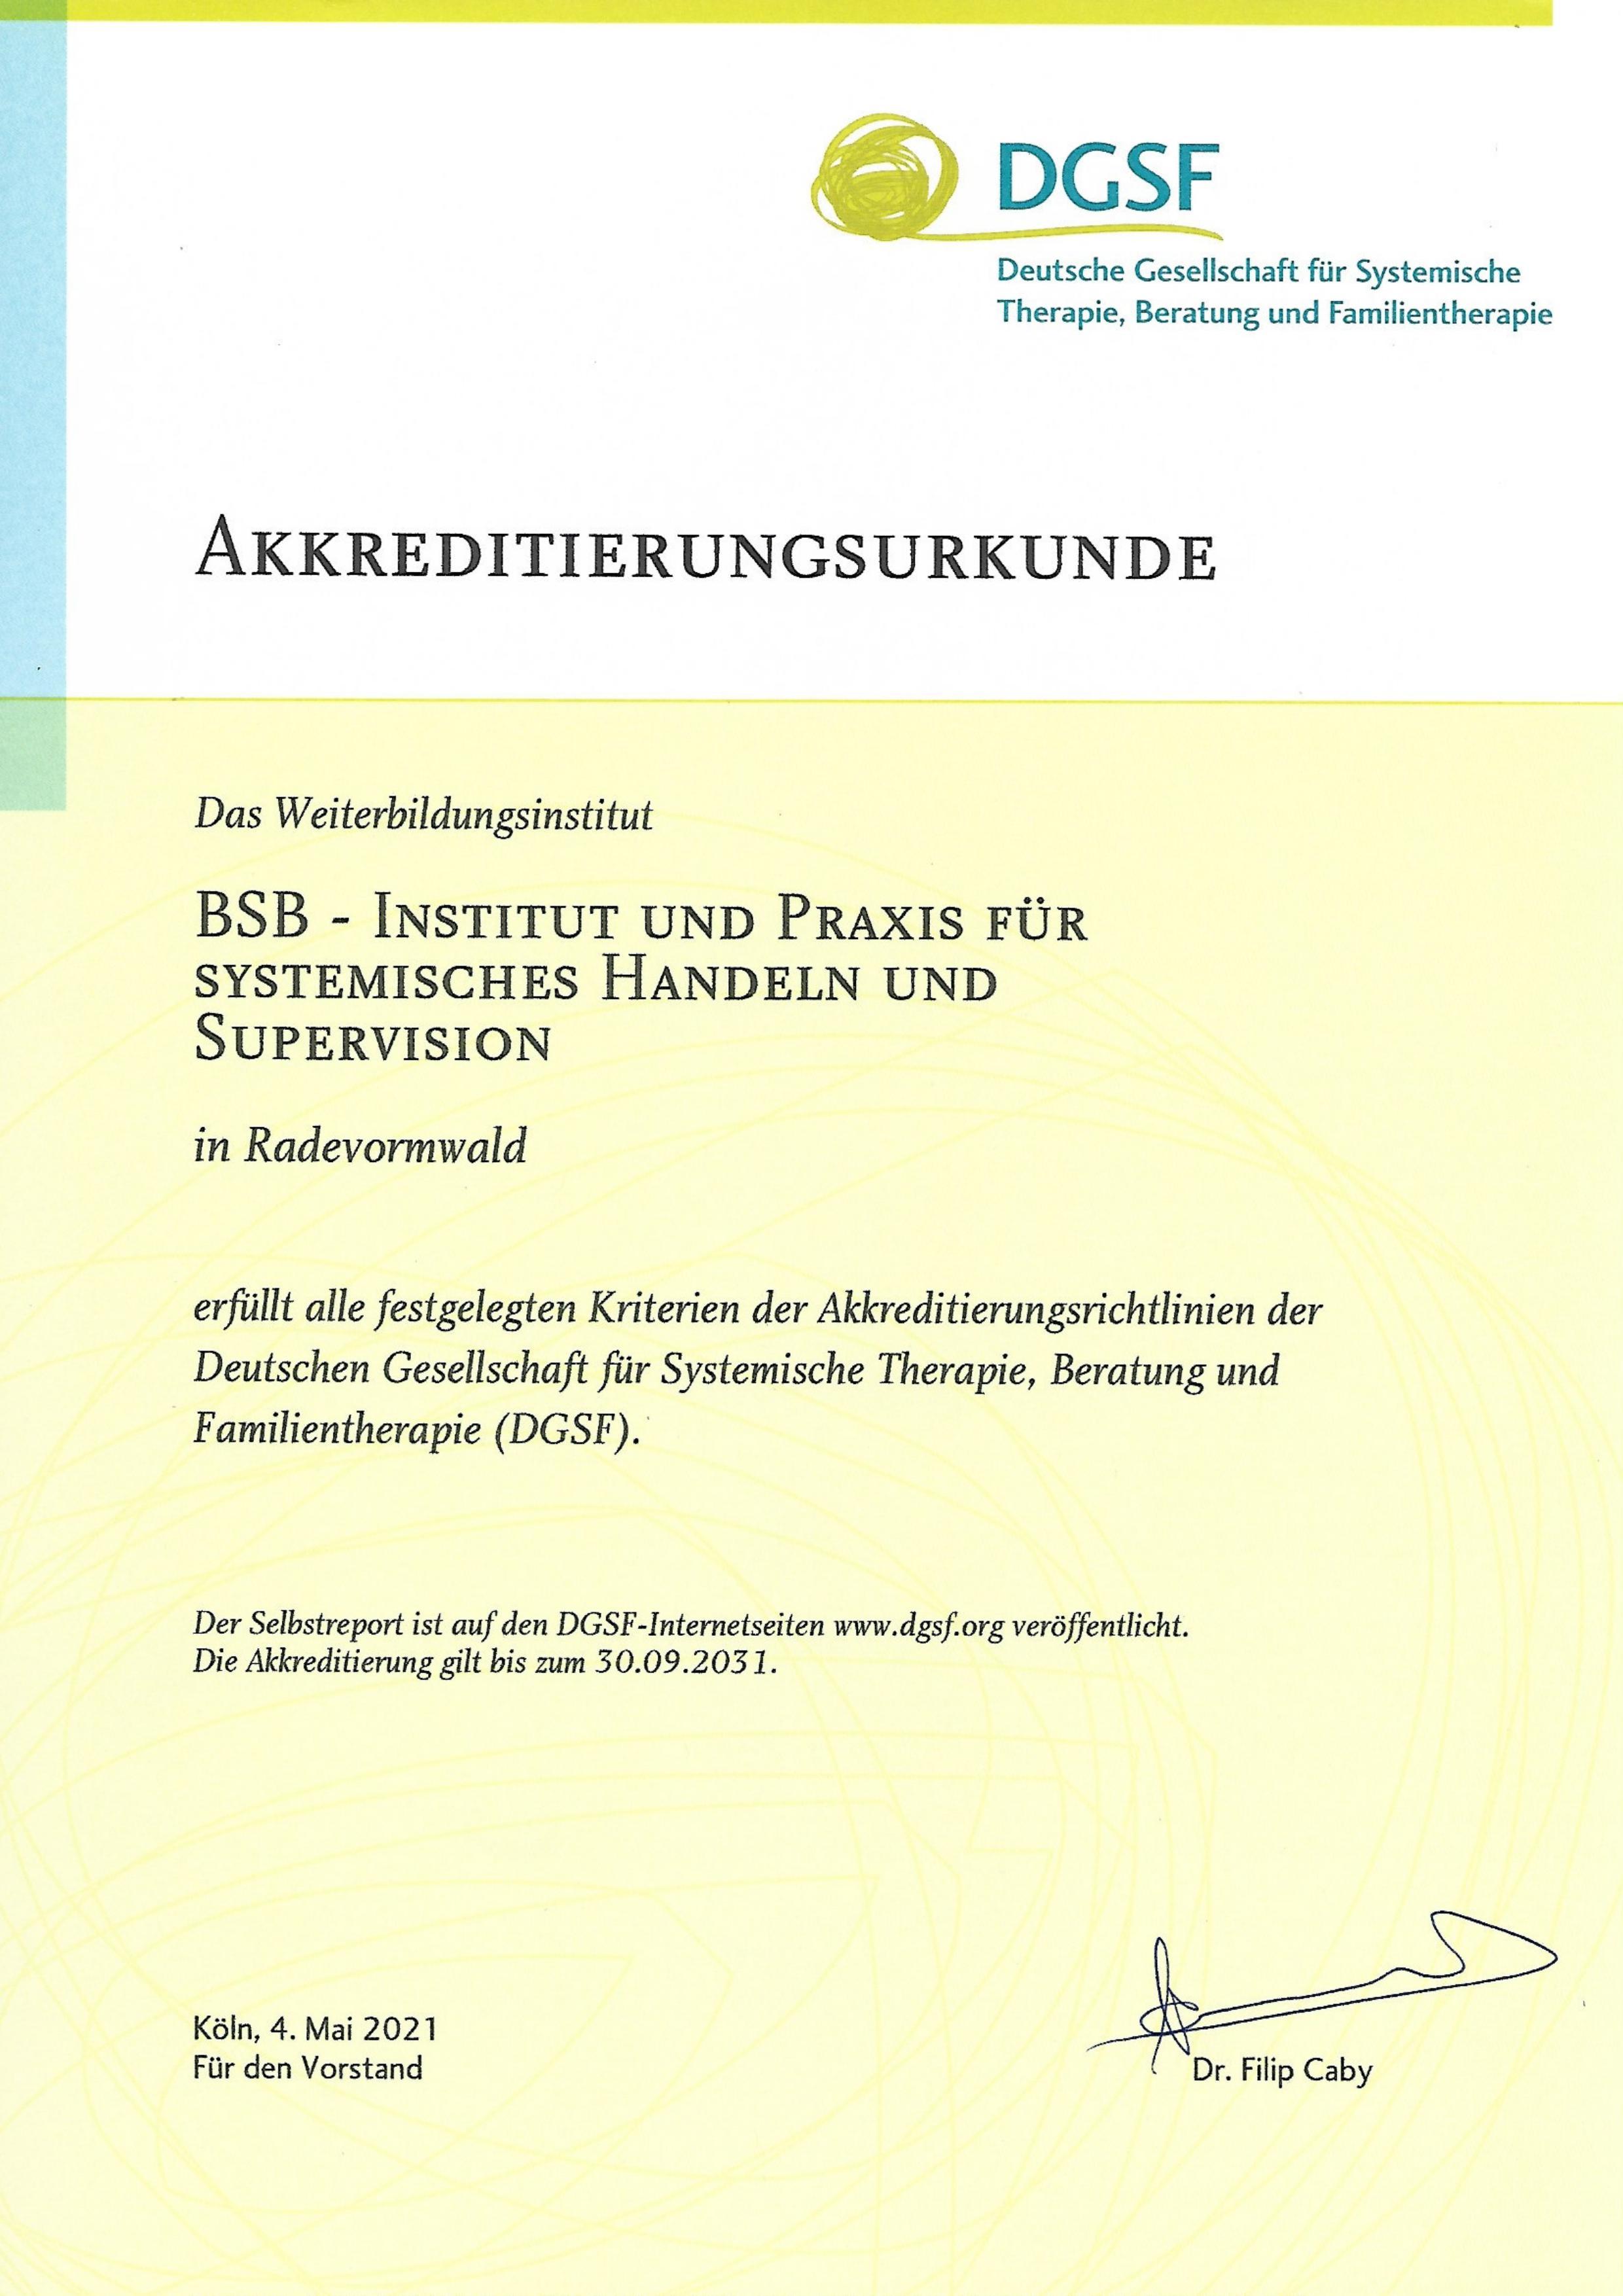 Akkreditierungsurkunde-DGSF-05.2021.jpg